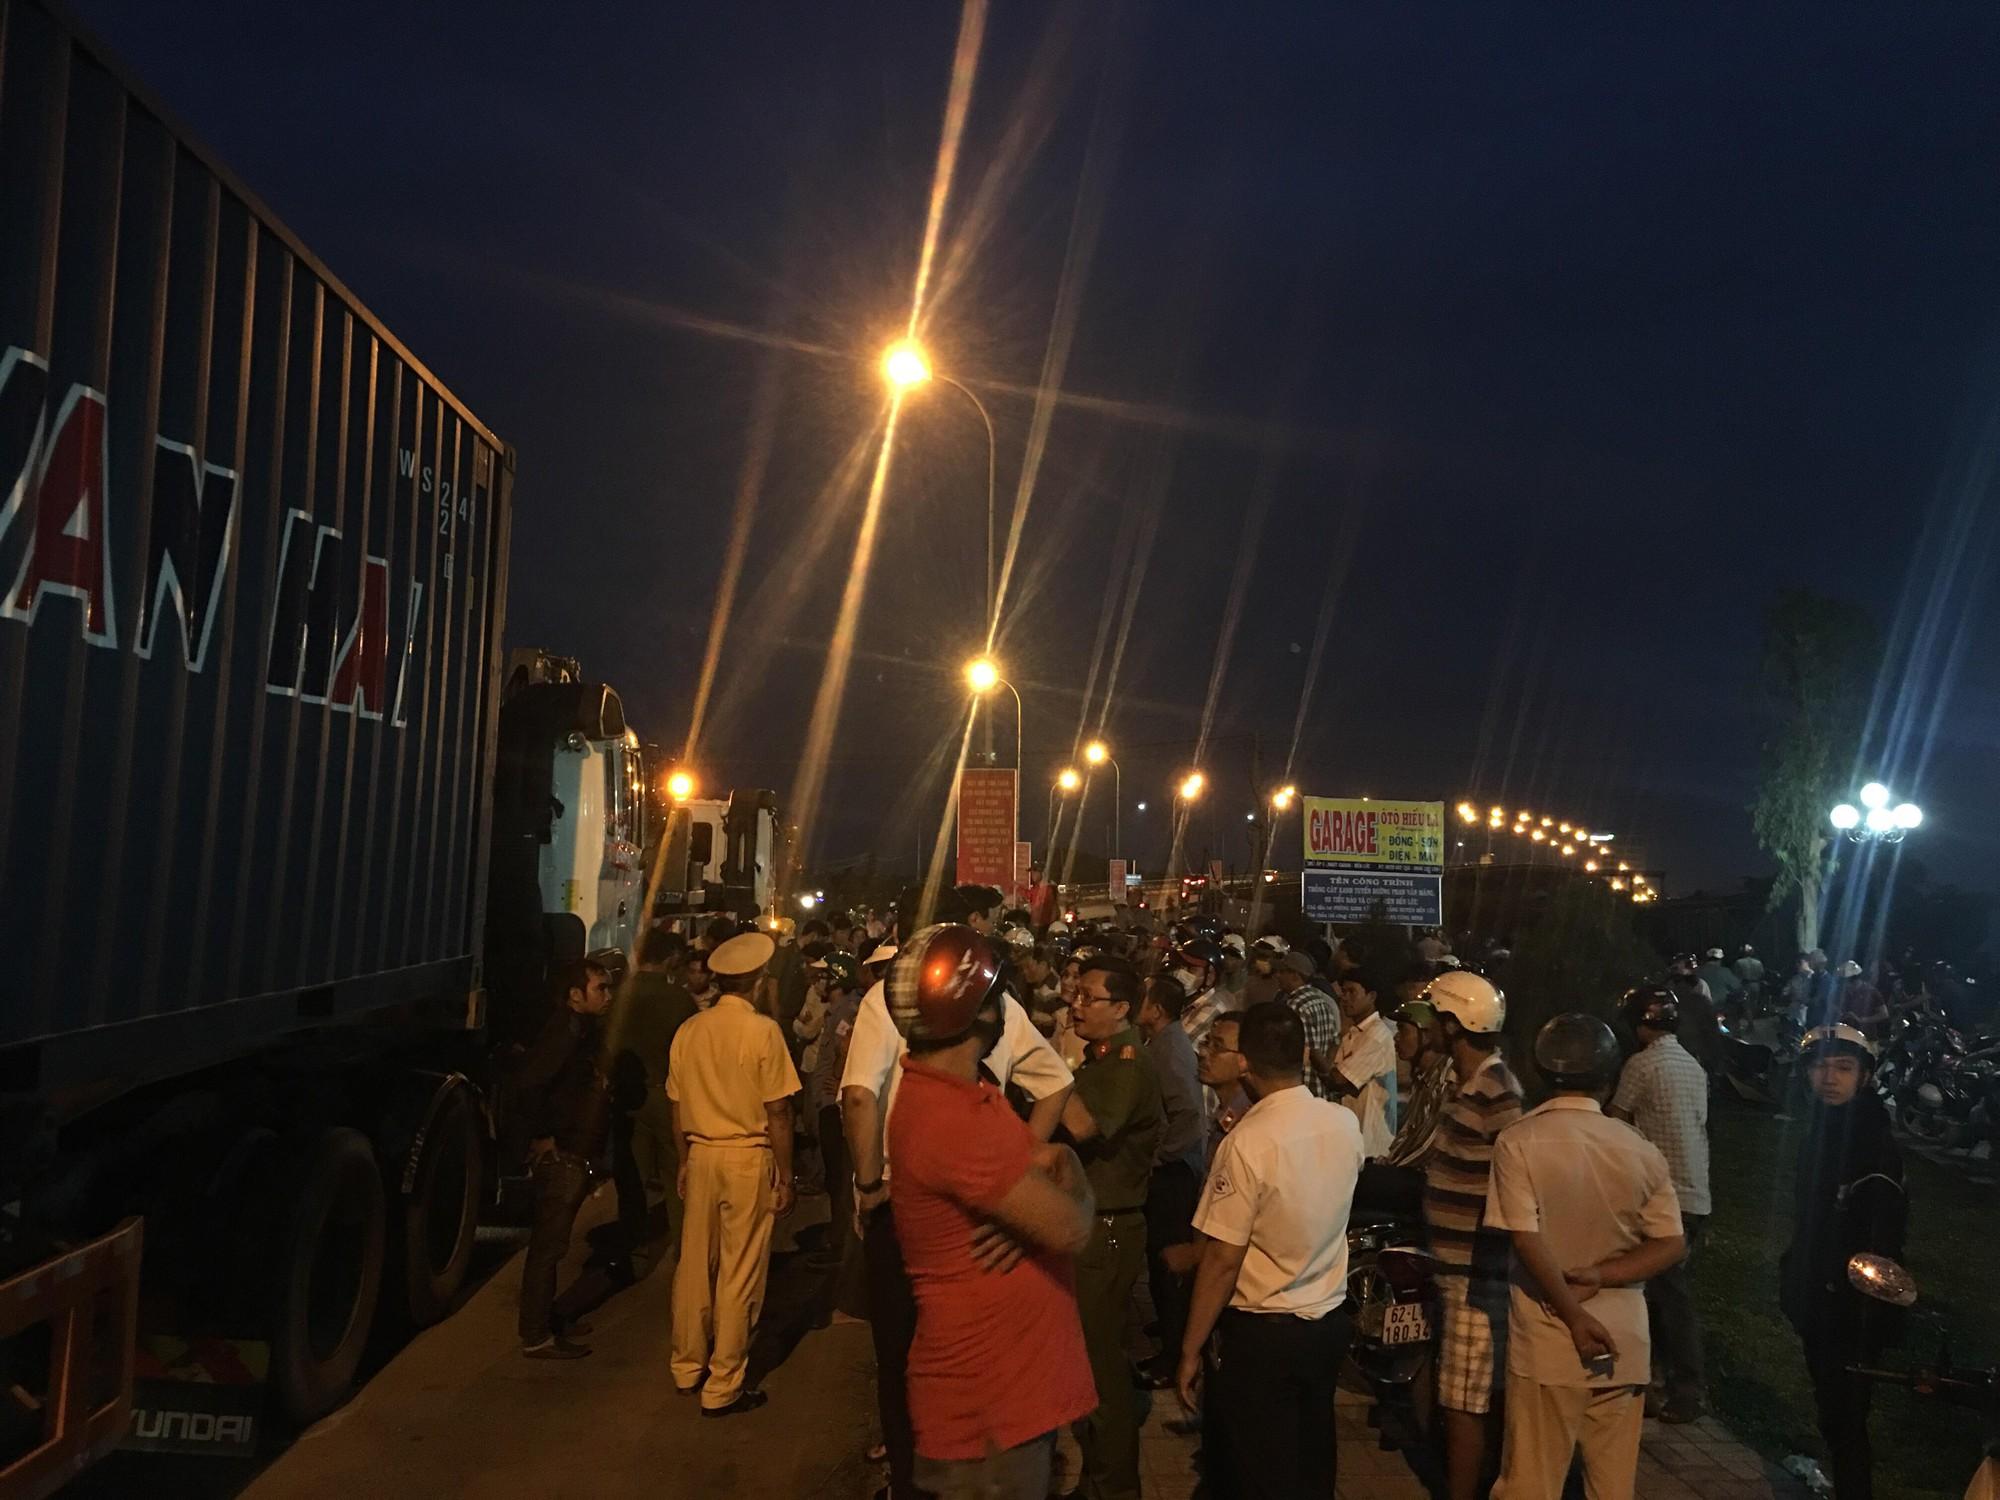 Long An: Container tông hàng chục xe máy dừng đèn đỏ, nhiều người chết và bị thương nằm la liệt trên đường - Ảnh 13.